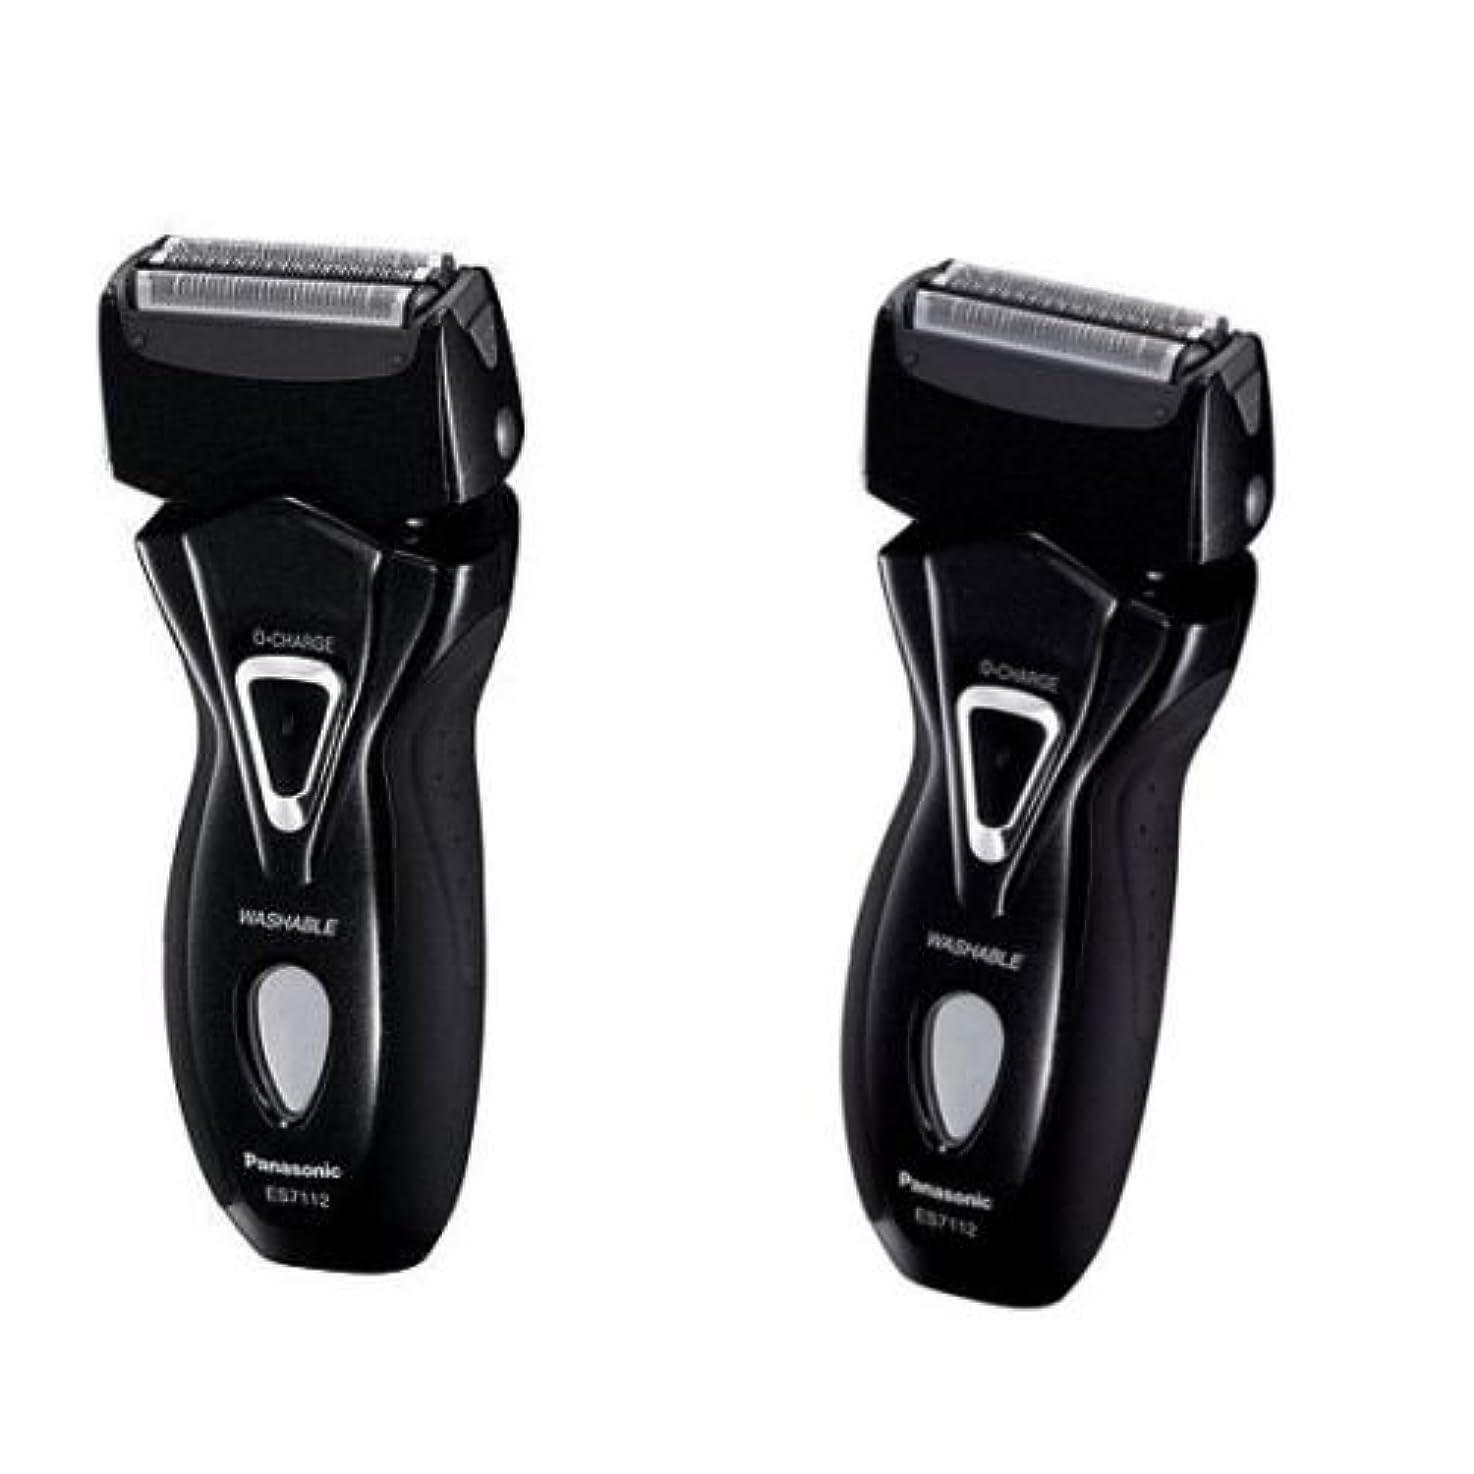 仮定集中愛人Panasonic ES-7112 メンズシェーバーRAMのダッシュ3剃る100-240V ES7112 /純正 [並行輸入品]